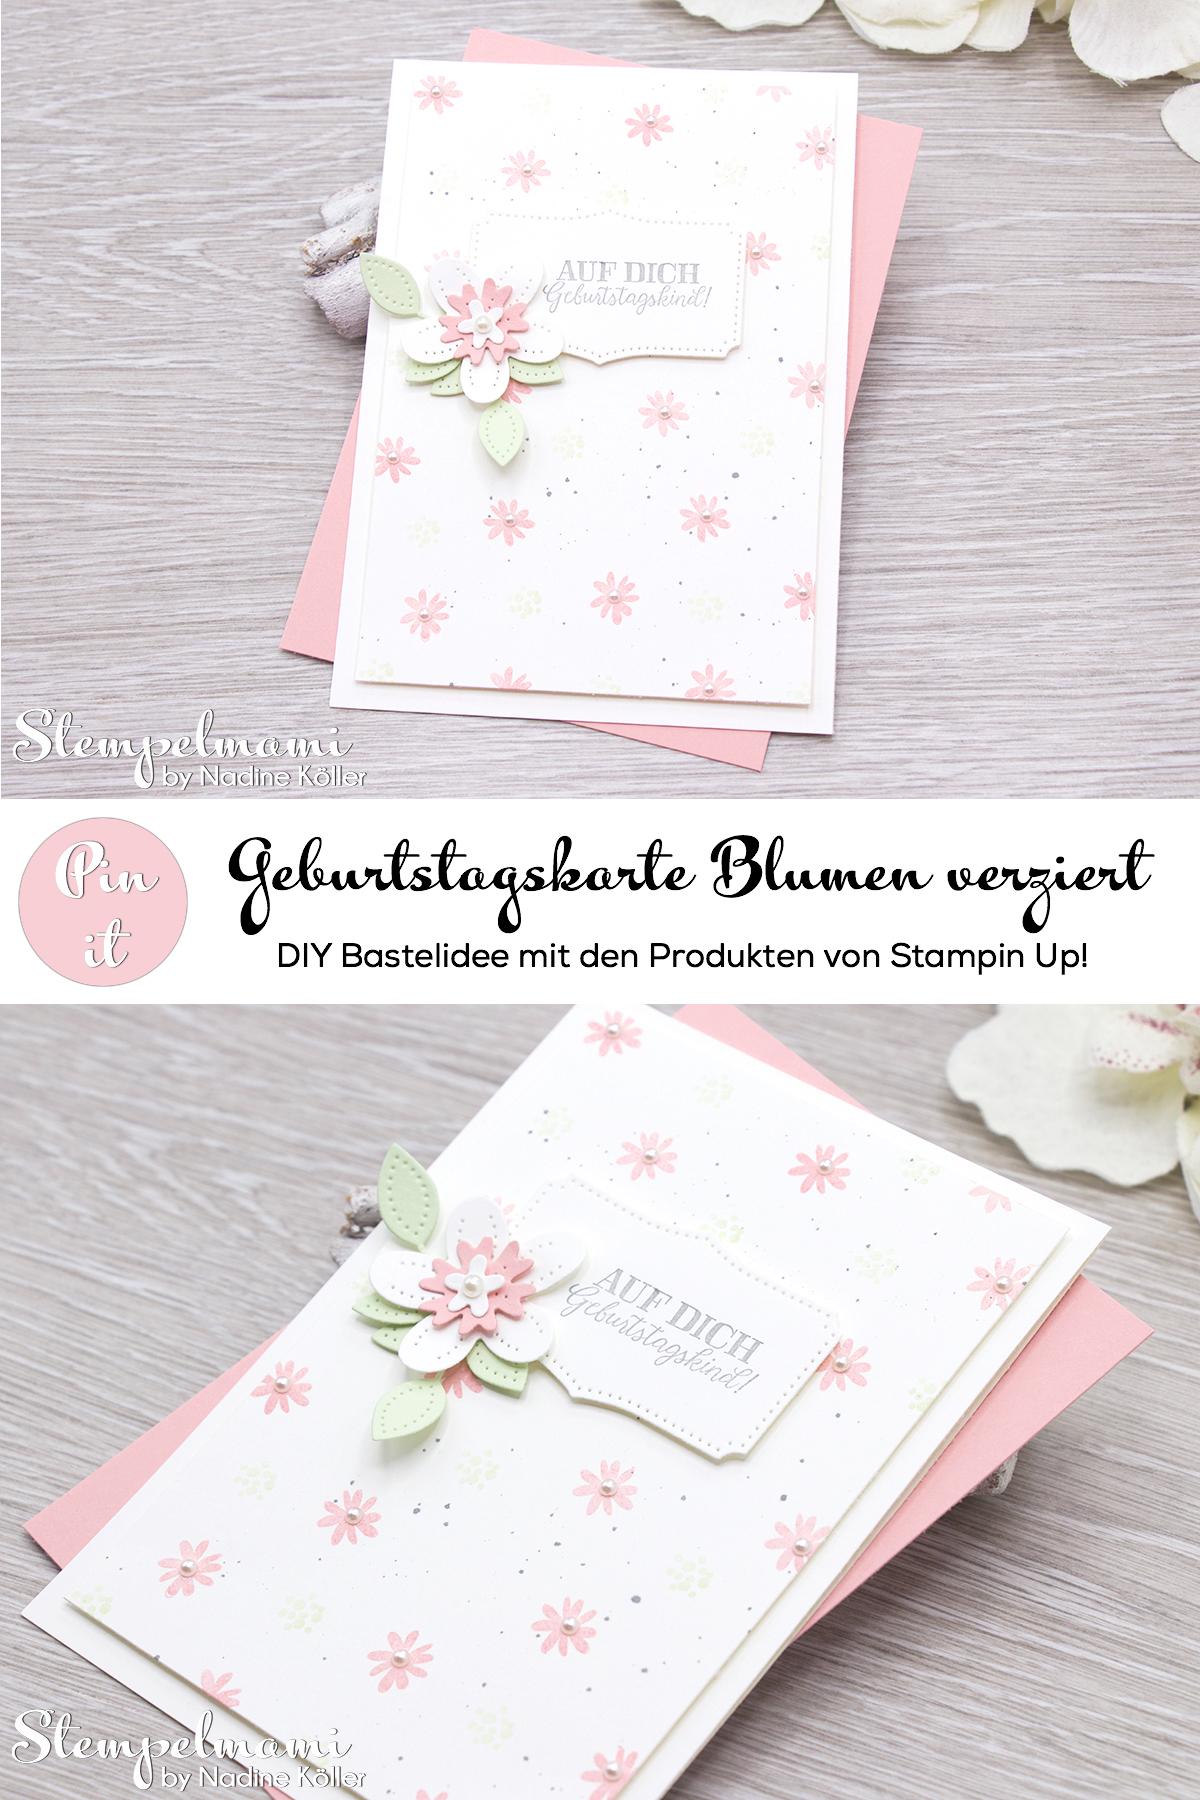 Stampin Up Geburtstagskarte Blumen verziert Stanzformen Perforierte Blumen Stempelmami 6